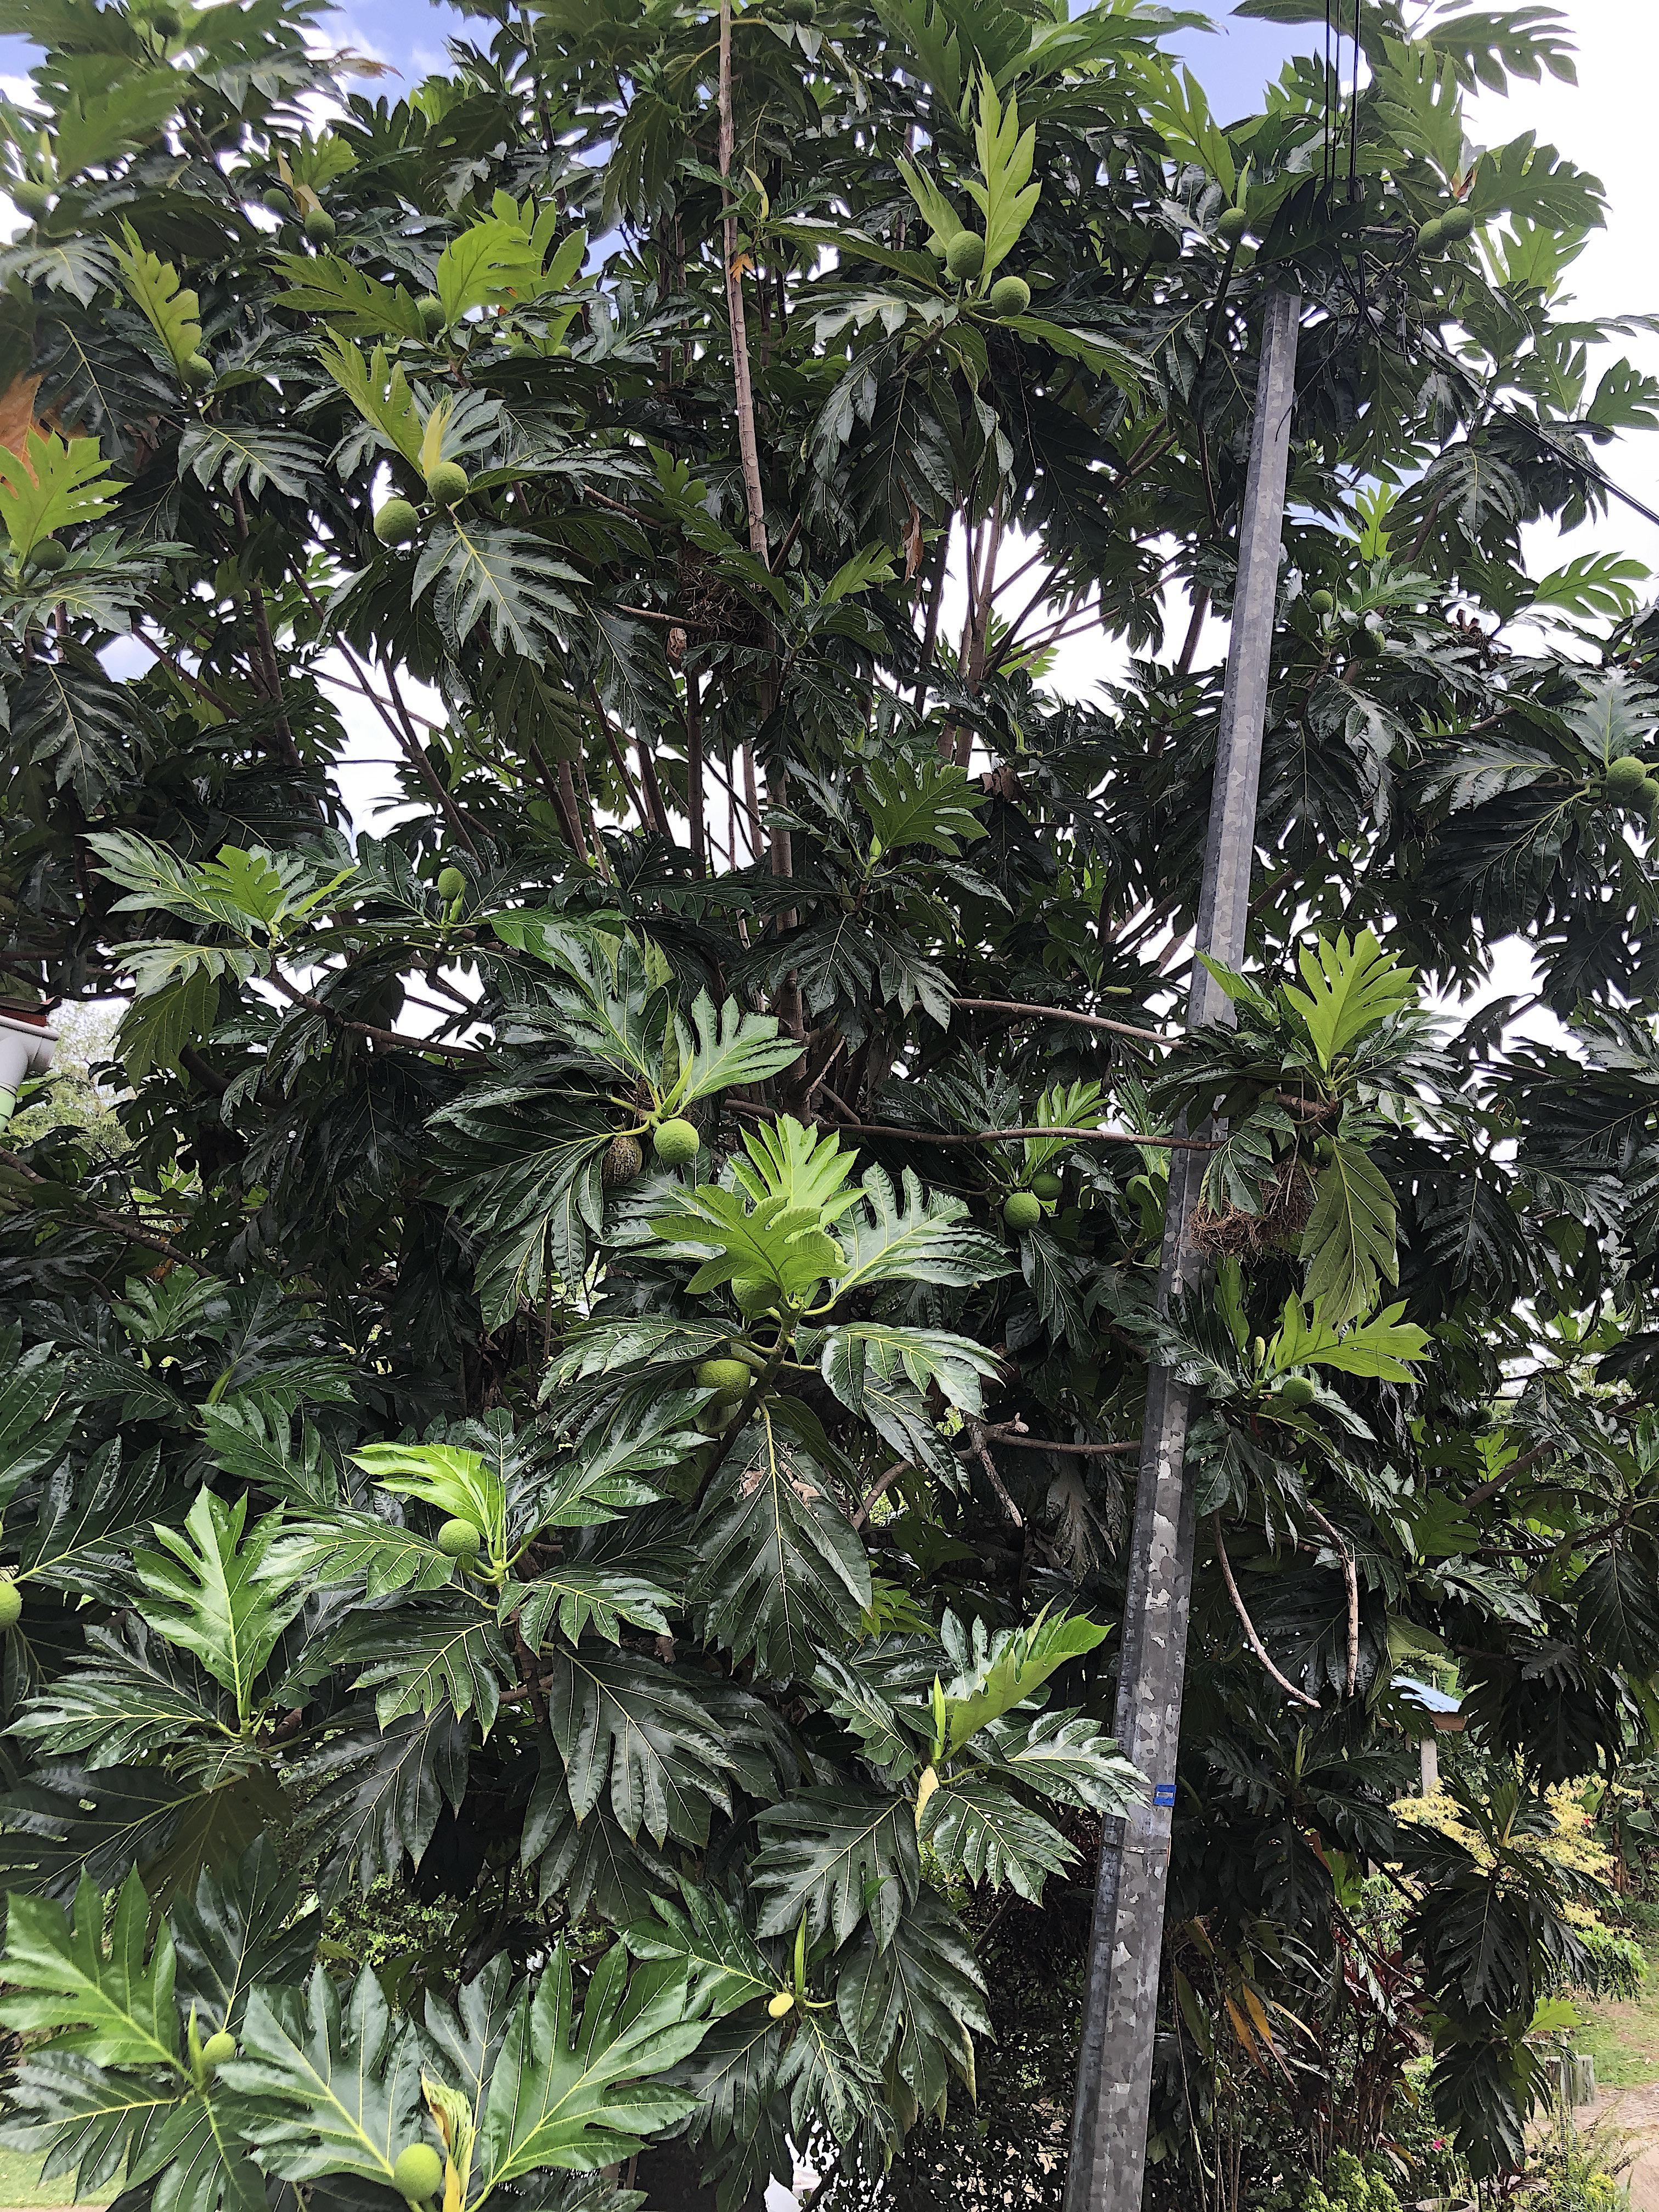 Martinique, Caribbean